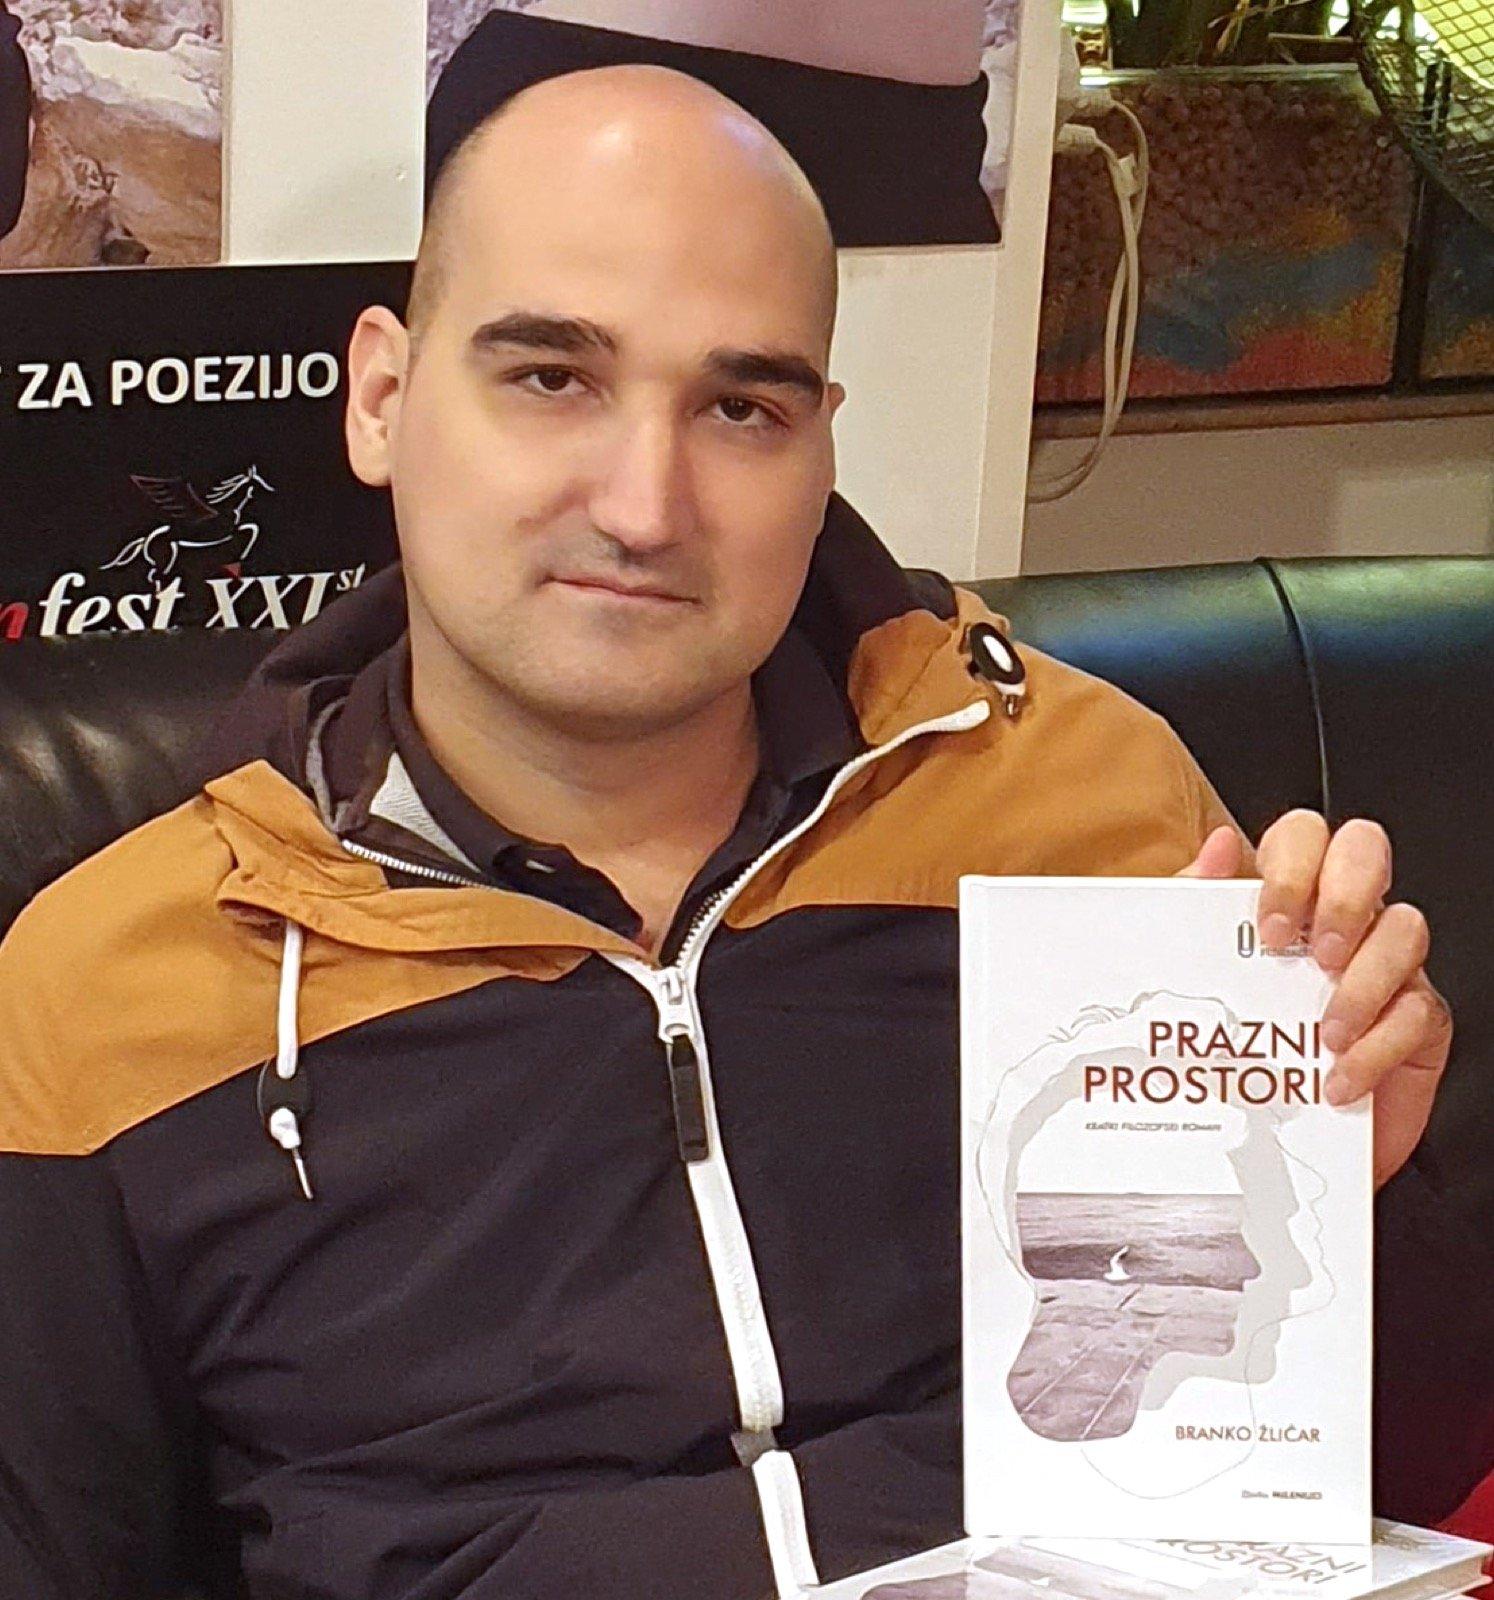 Starovelenjčan Branko Žličar je izdal literarni prvenec